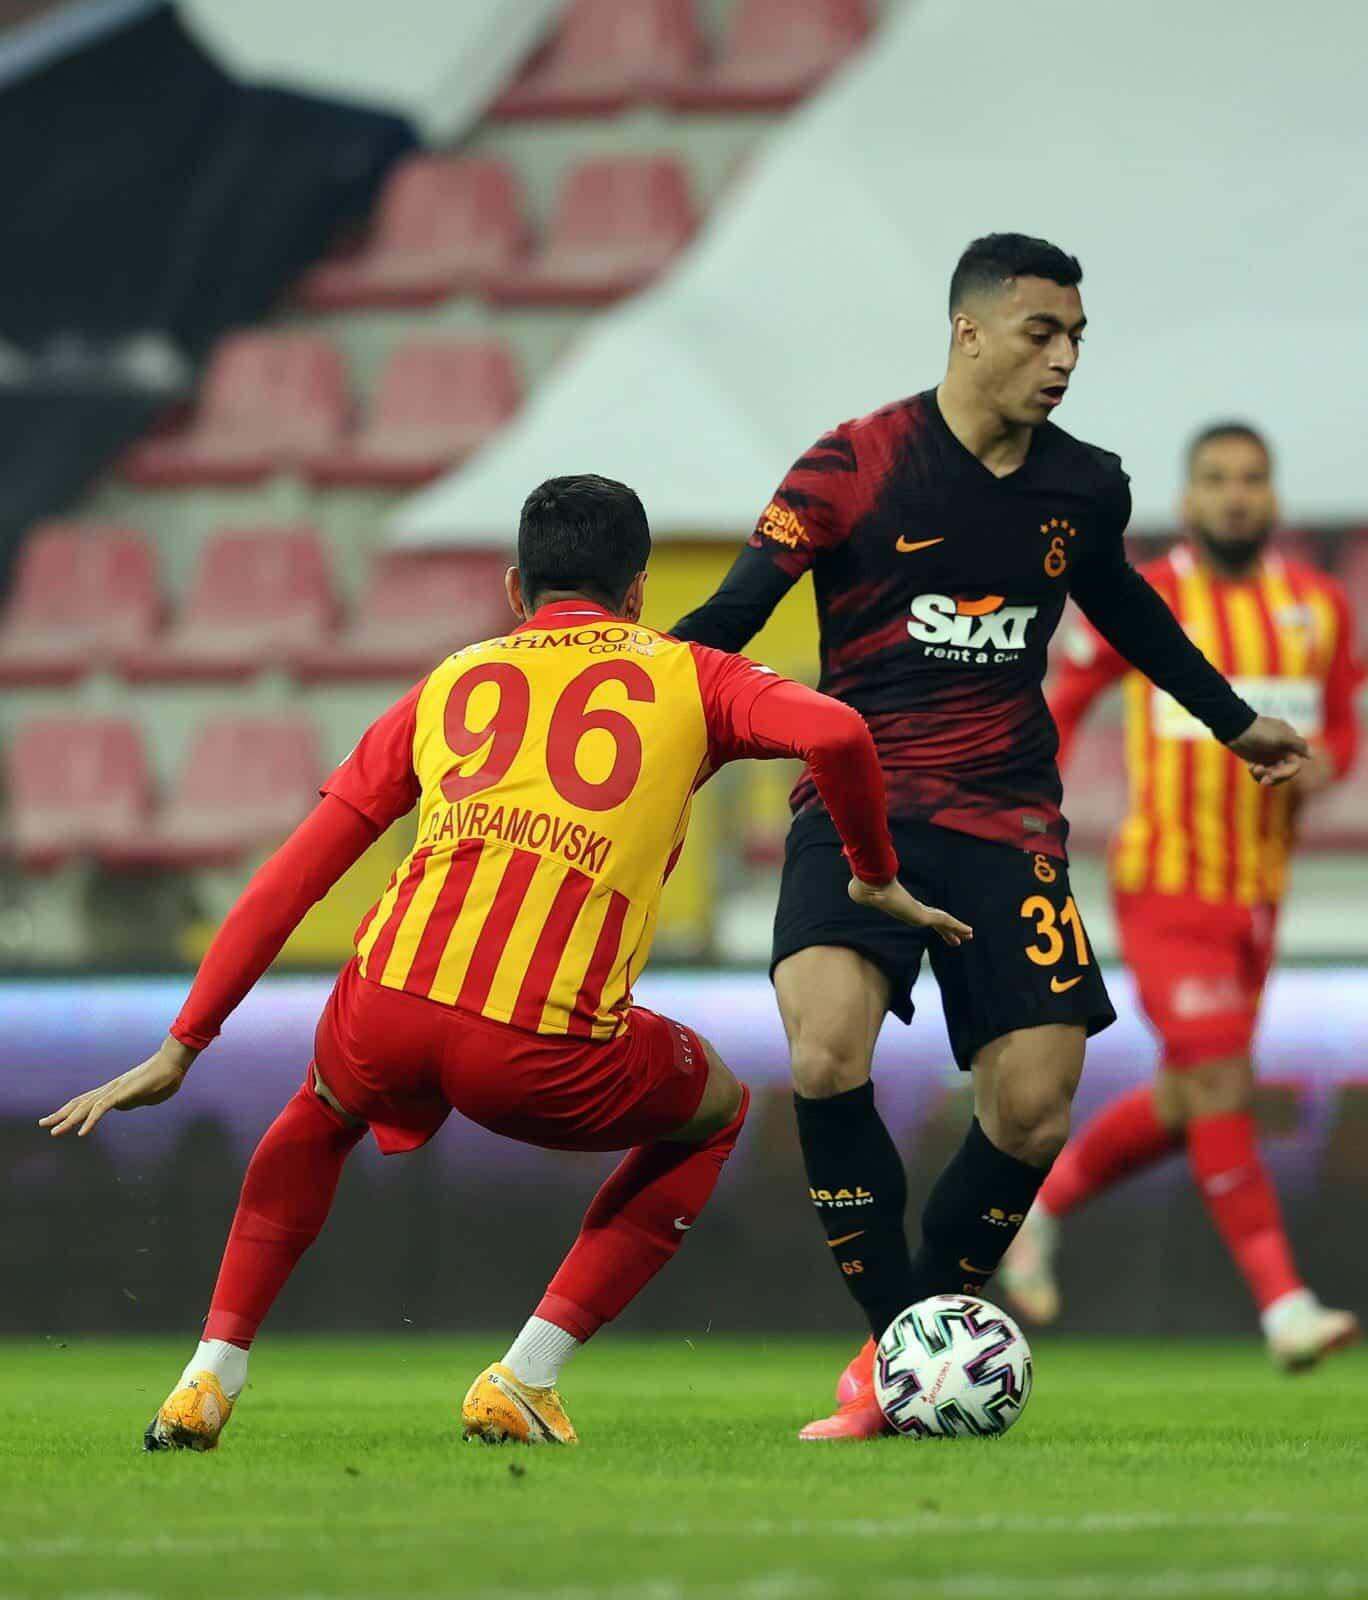 مباراة غلطة سراي وريزيسبورفي الدوري التركي